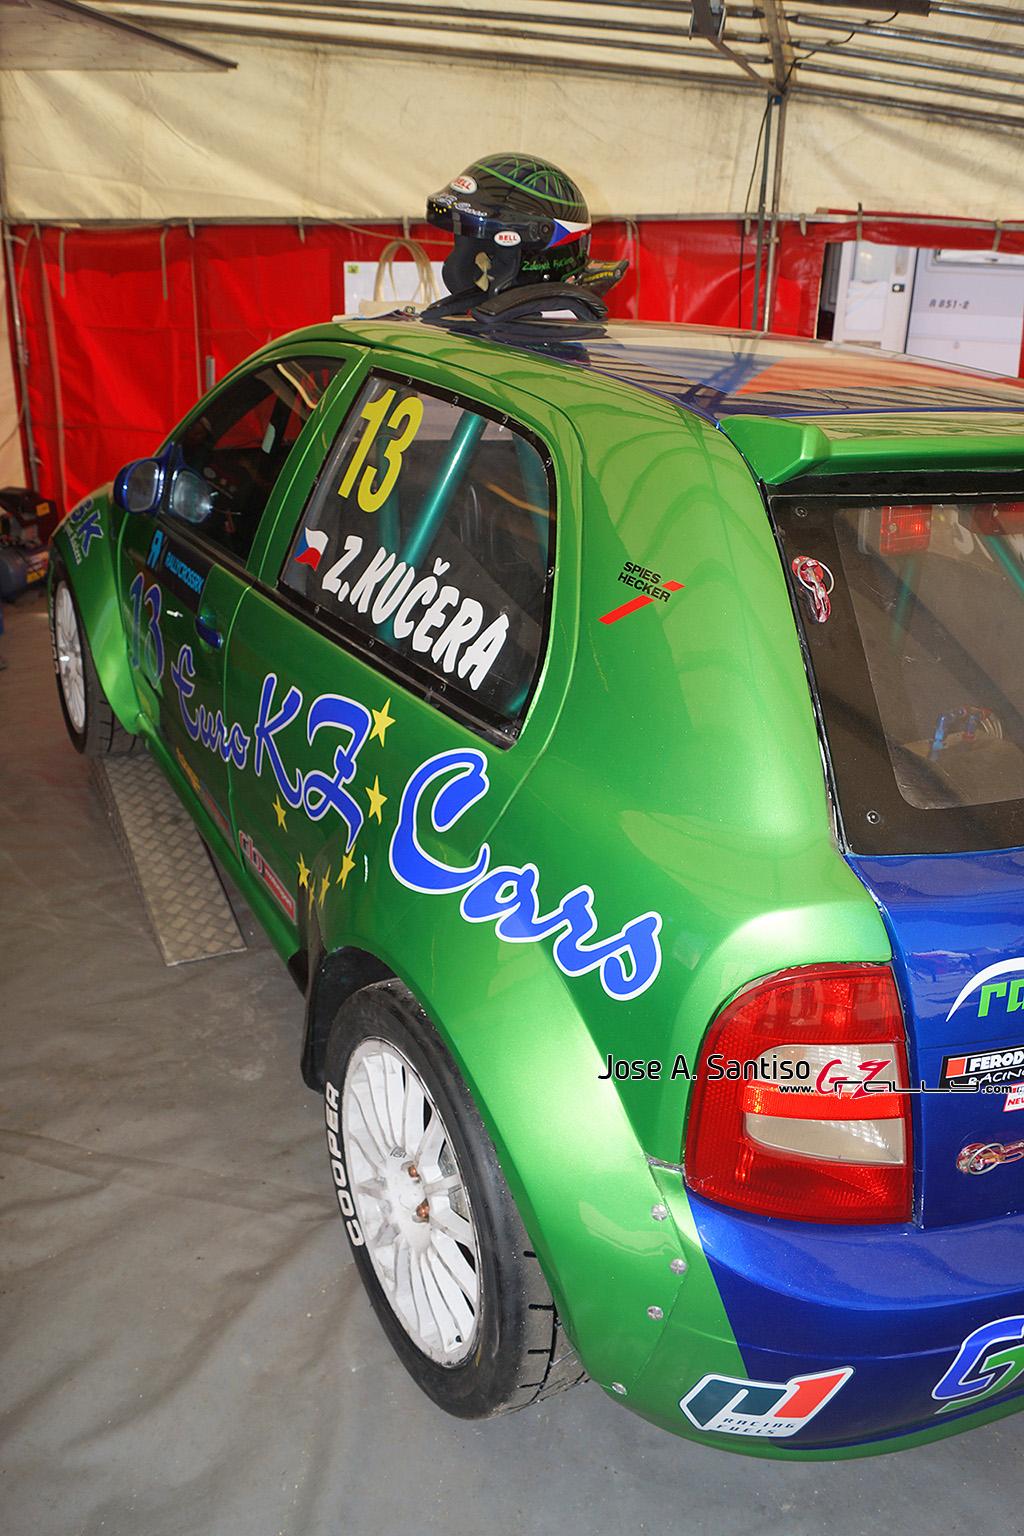 rallycross_de_montalegre_2014_-_jose_a_santiso_19_20150312_1149105674